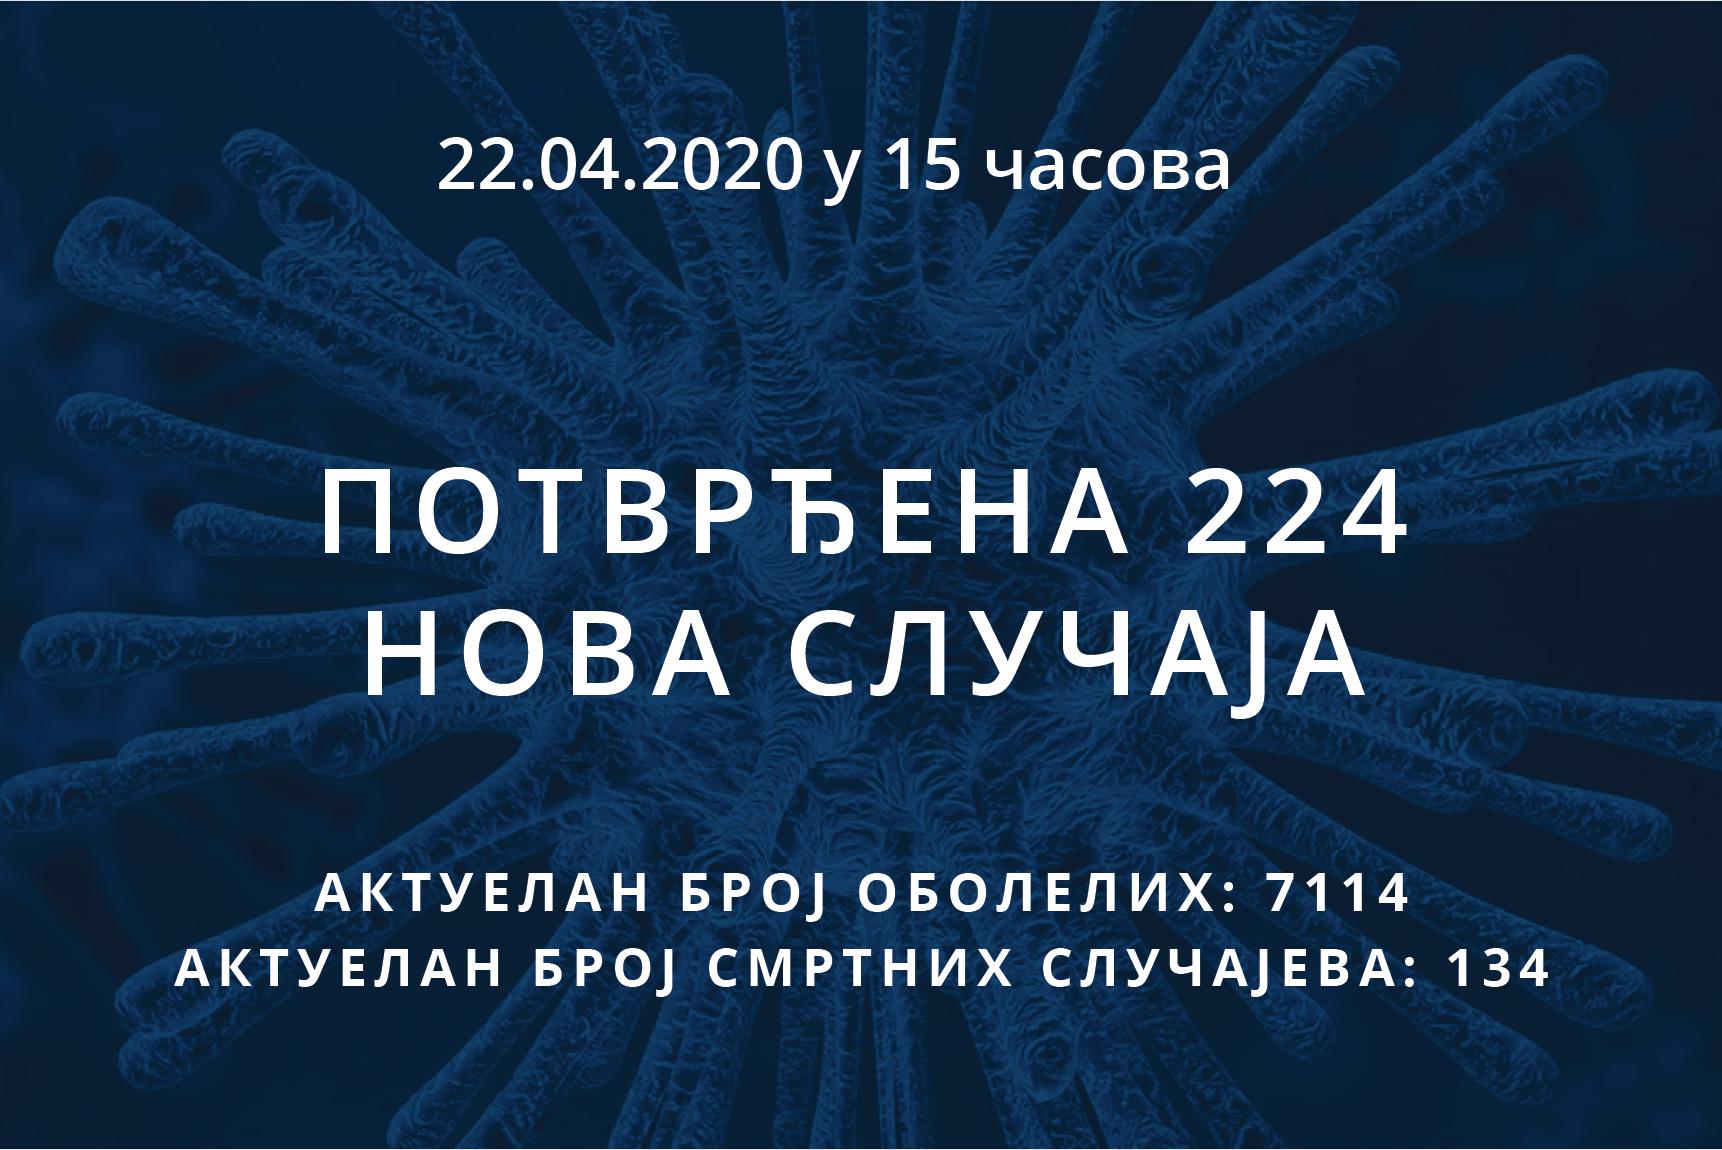 Информације о корона вирусу COVID-19, 22.04.2020 у 15 часова